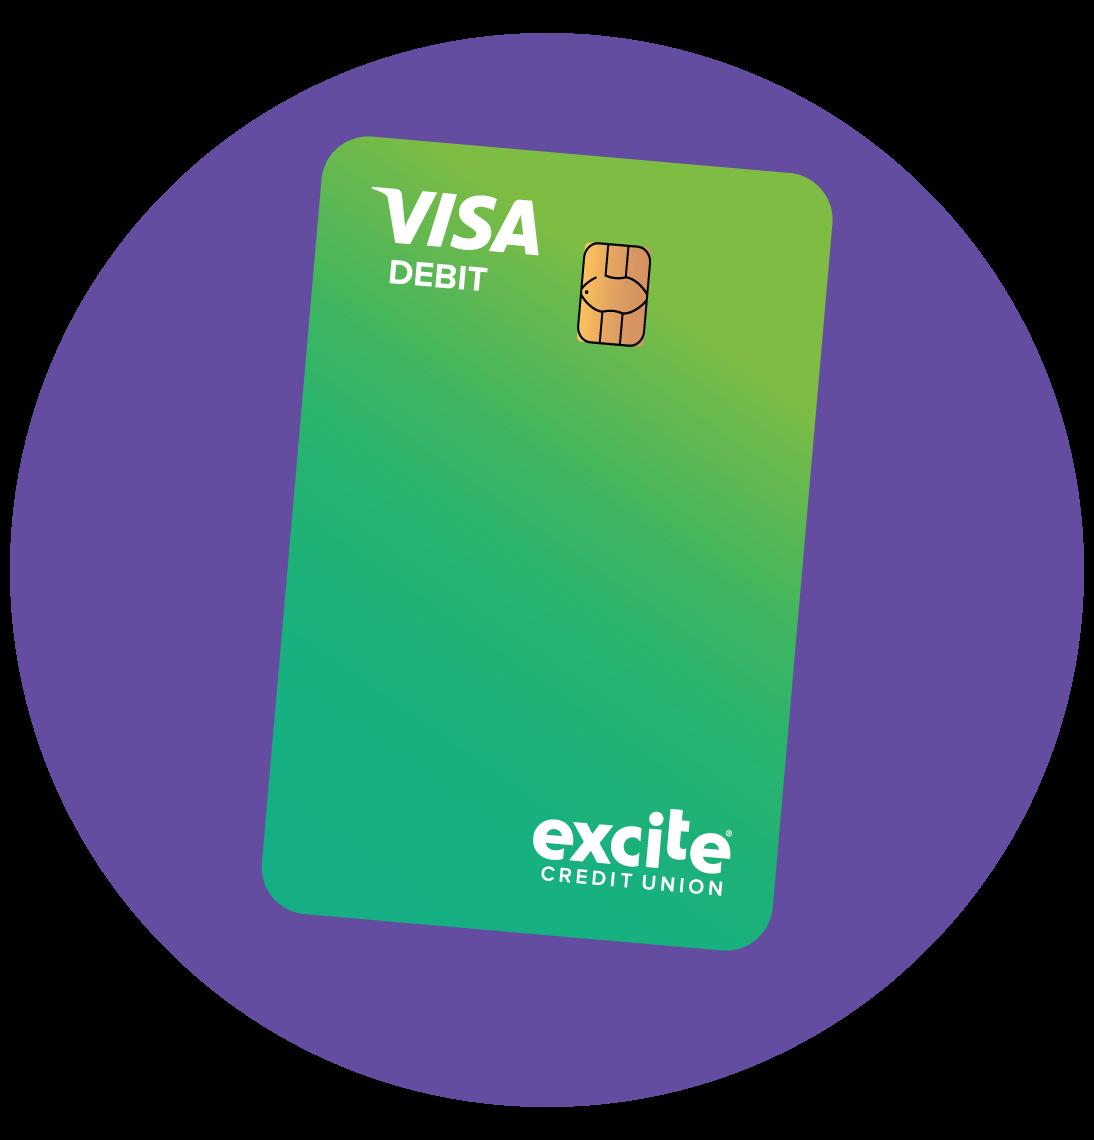 debit-card_2